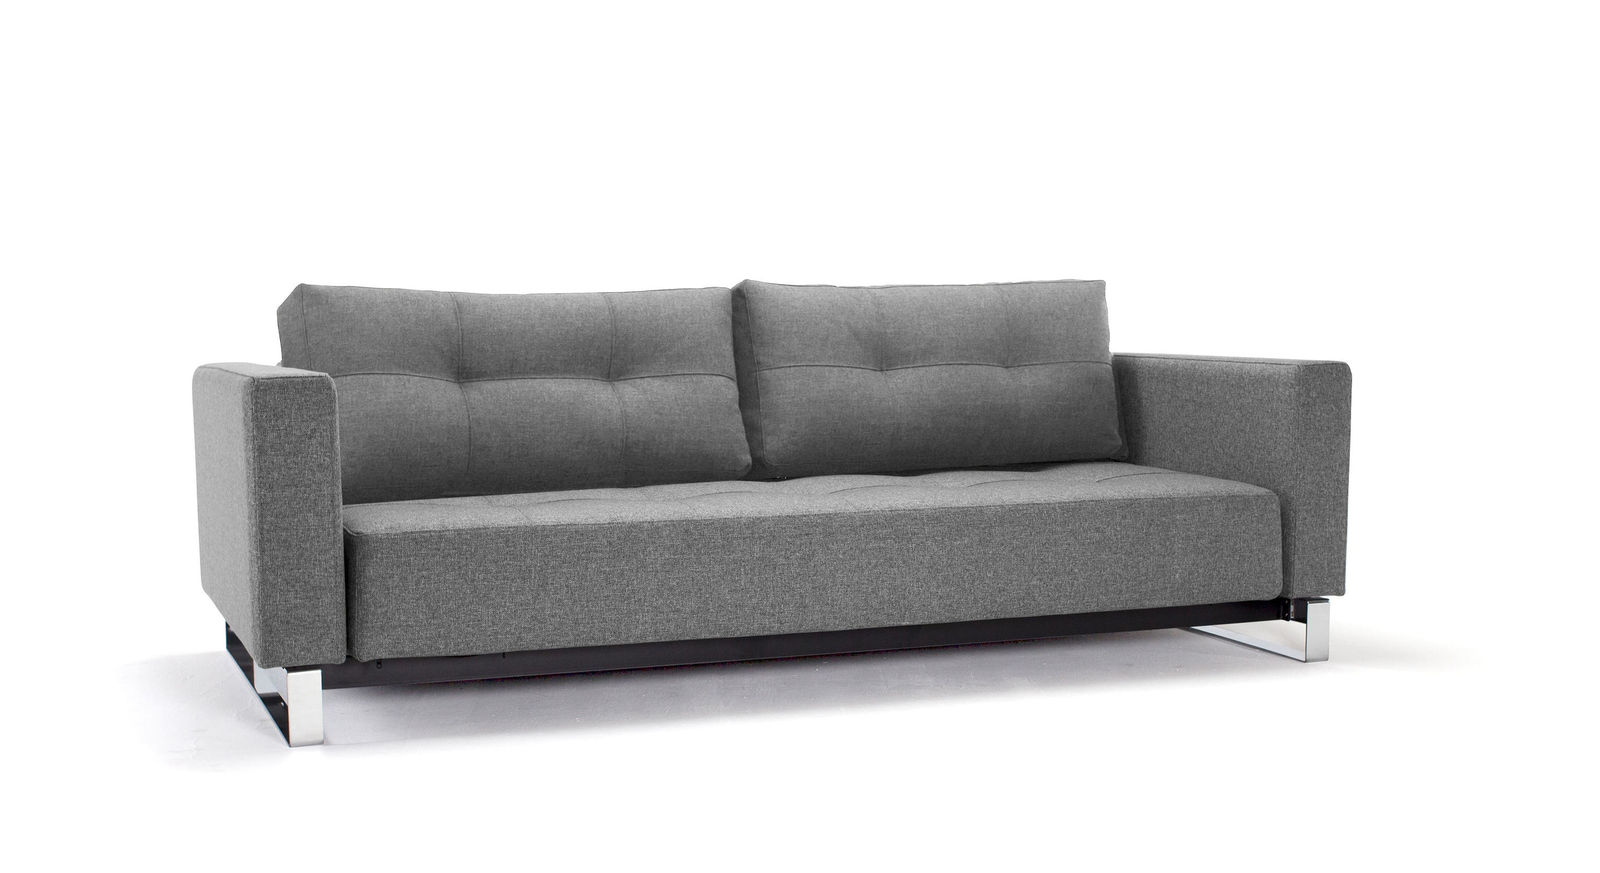 schlafsofas mit federkern im vergleich und test 2018 bei uns. Black Bedroom Furniture Sets. Home Design Ideas